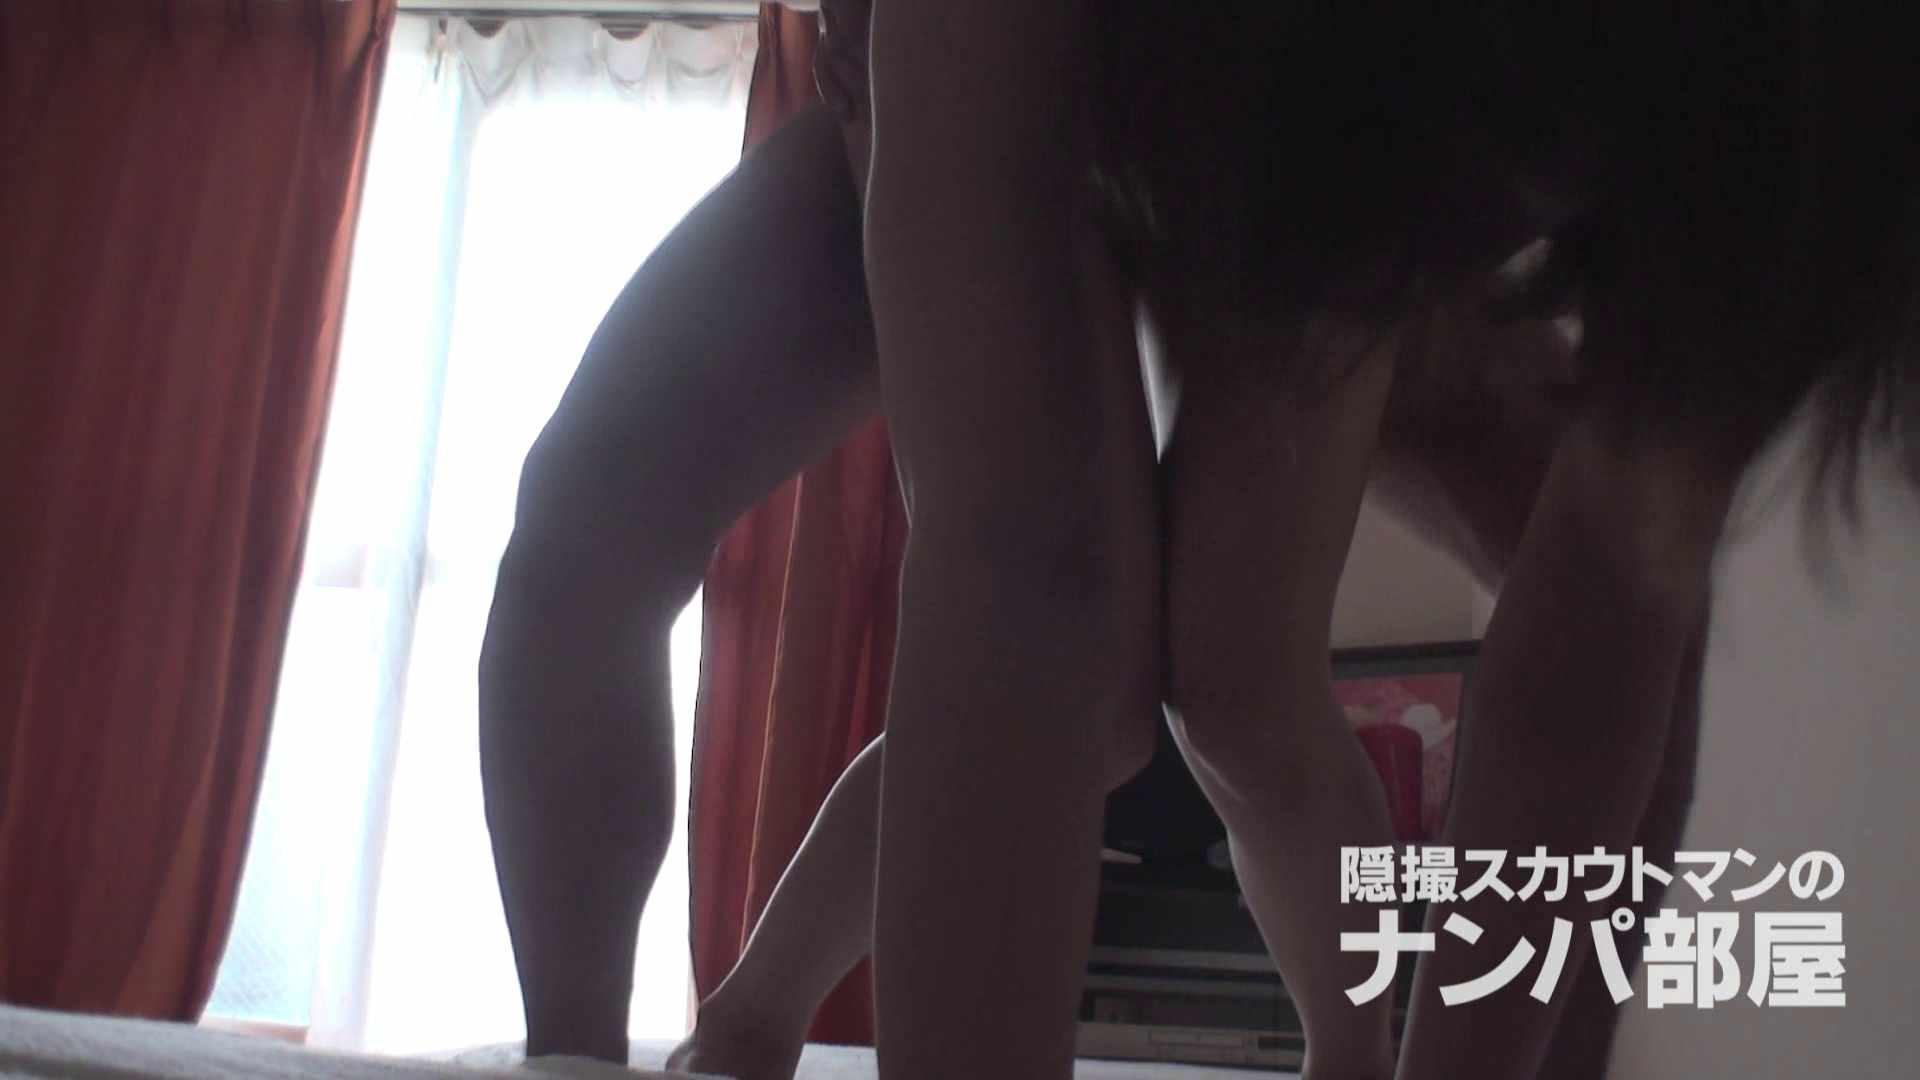 隠撮スカウトマンのナンパ部屋~風俗デビュー前のつまみ食い~ siivol.4 ナンパ ヌード画像 74pic 69